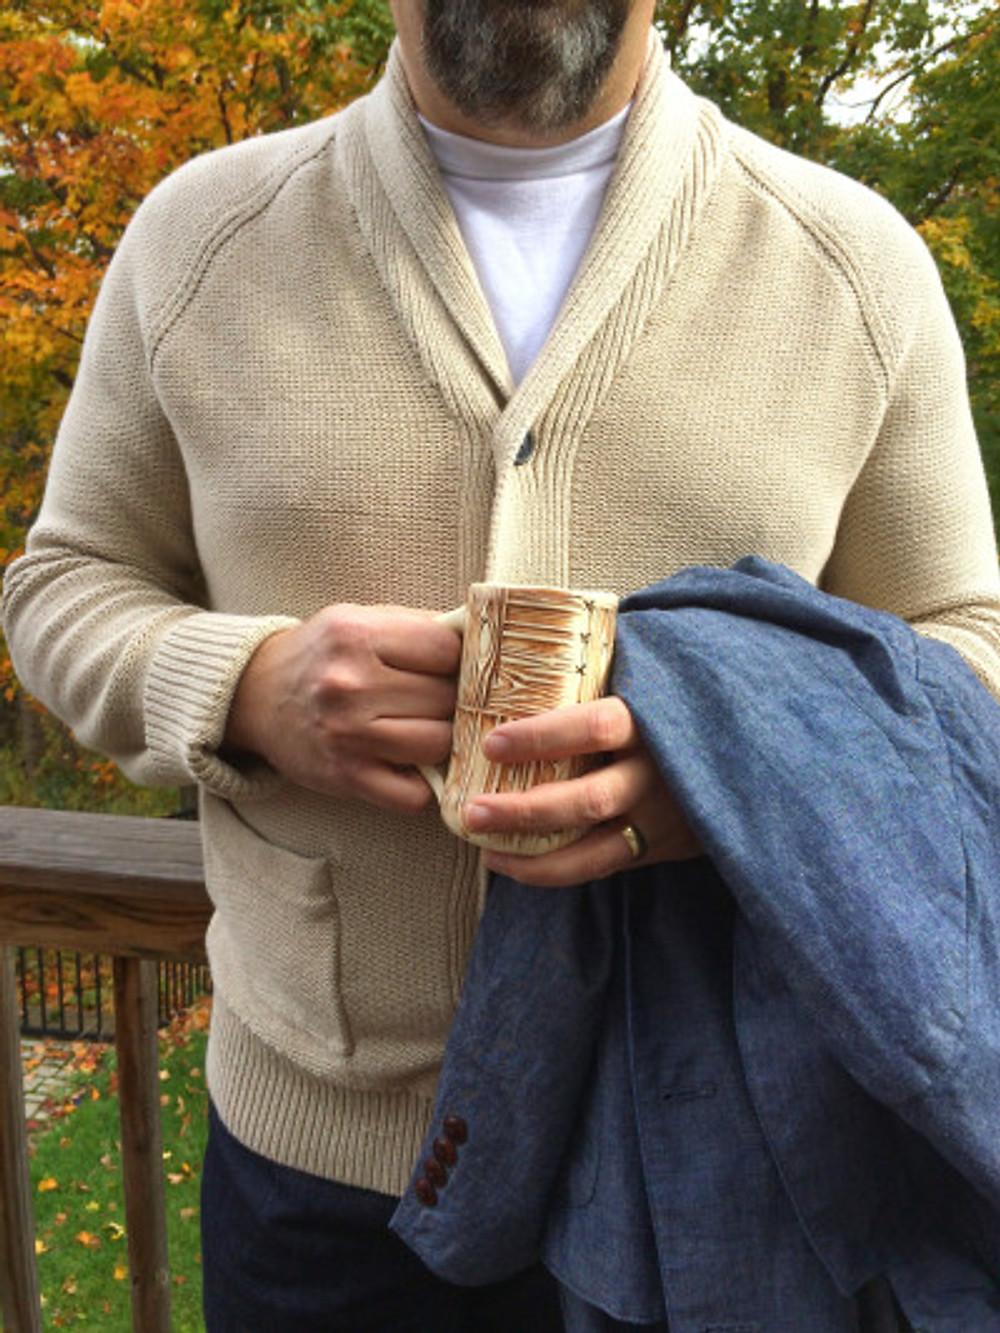 closeupwithblazerandsweater